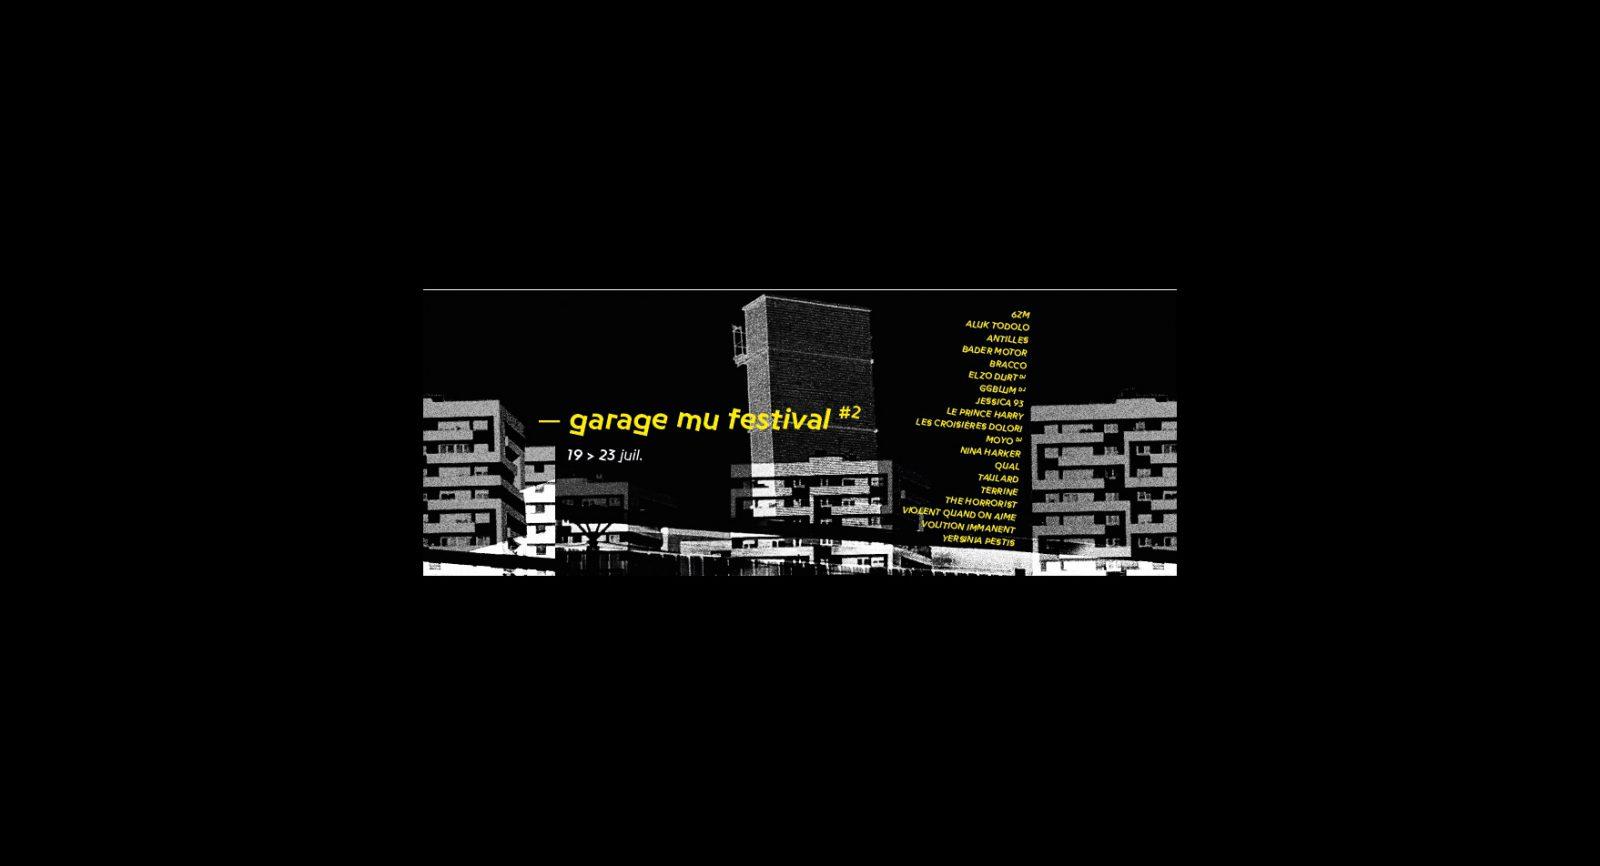 [Festival] Garage Mu Festival #2